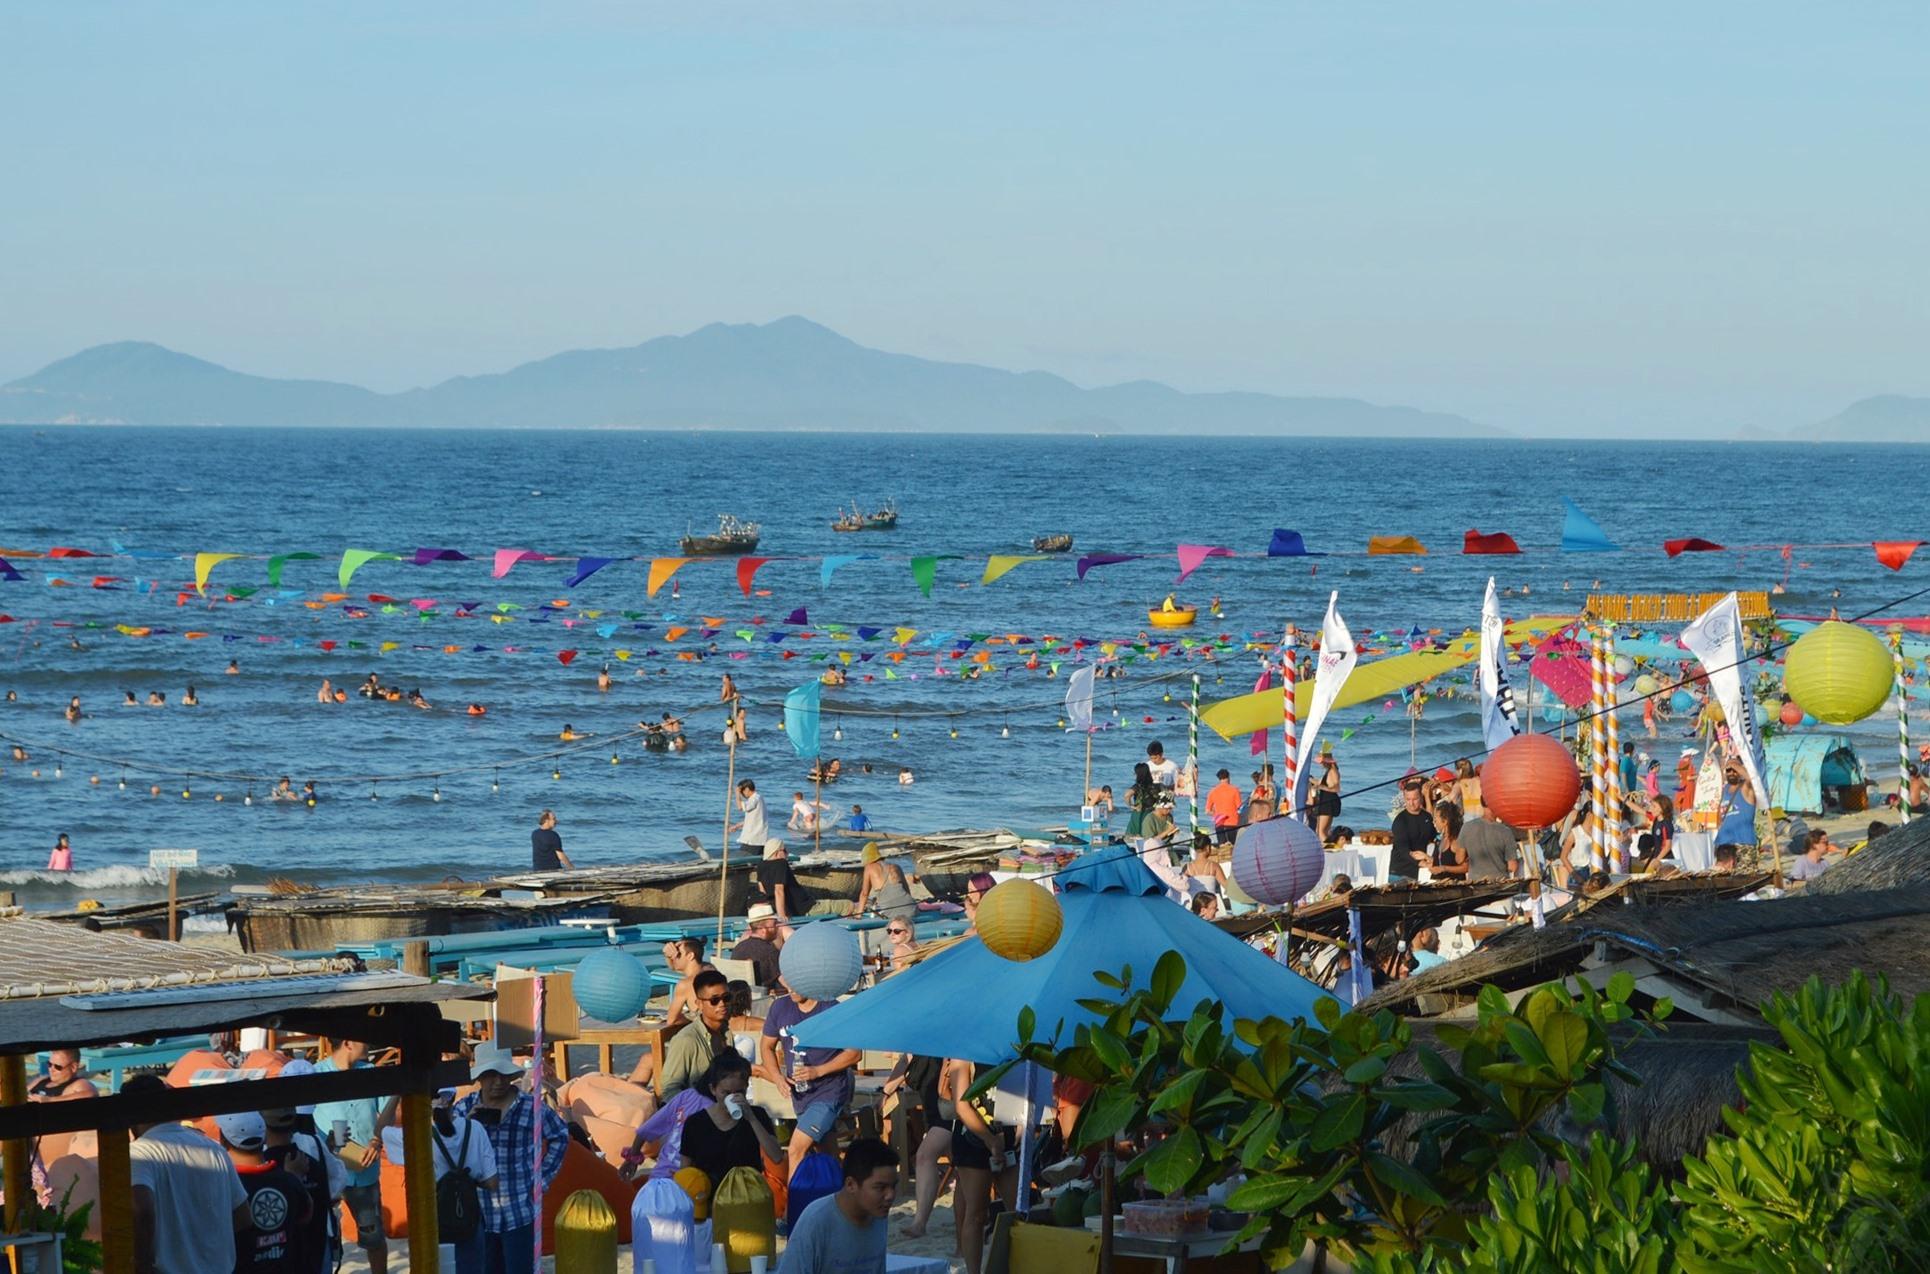 Bãi biển An Bàng rộn rã sắc màu trong chiều 18.7. Ảnh: VĨNH LỘC